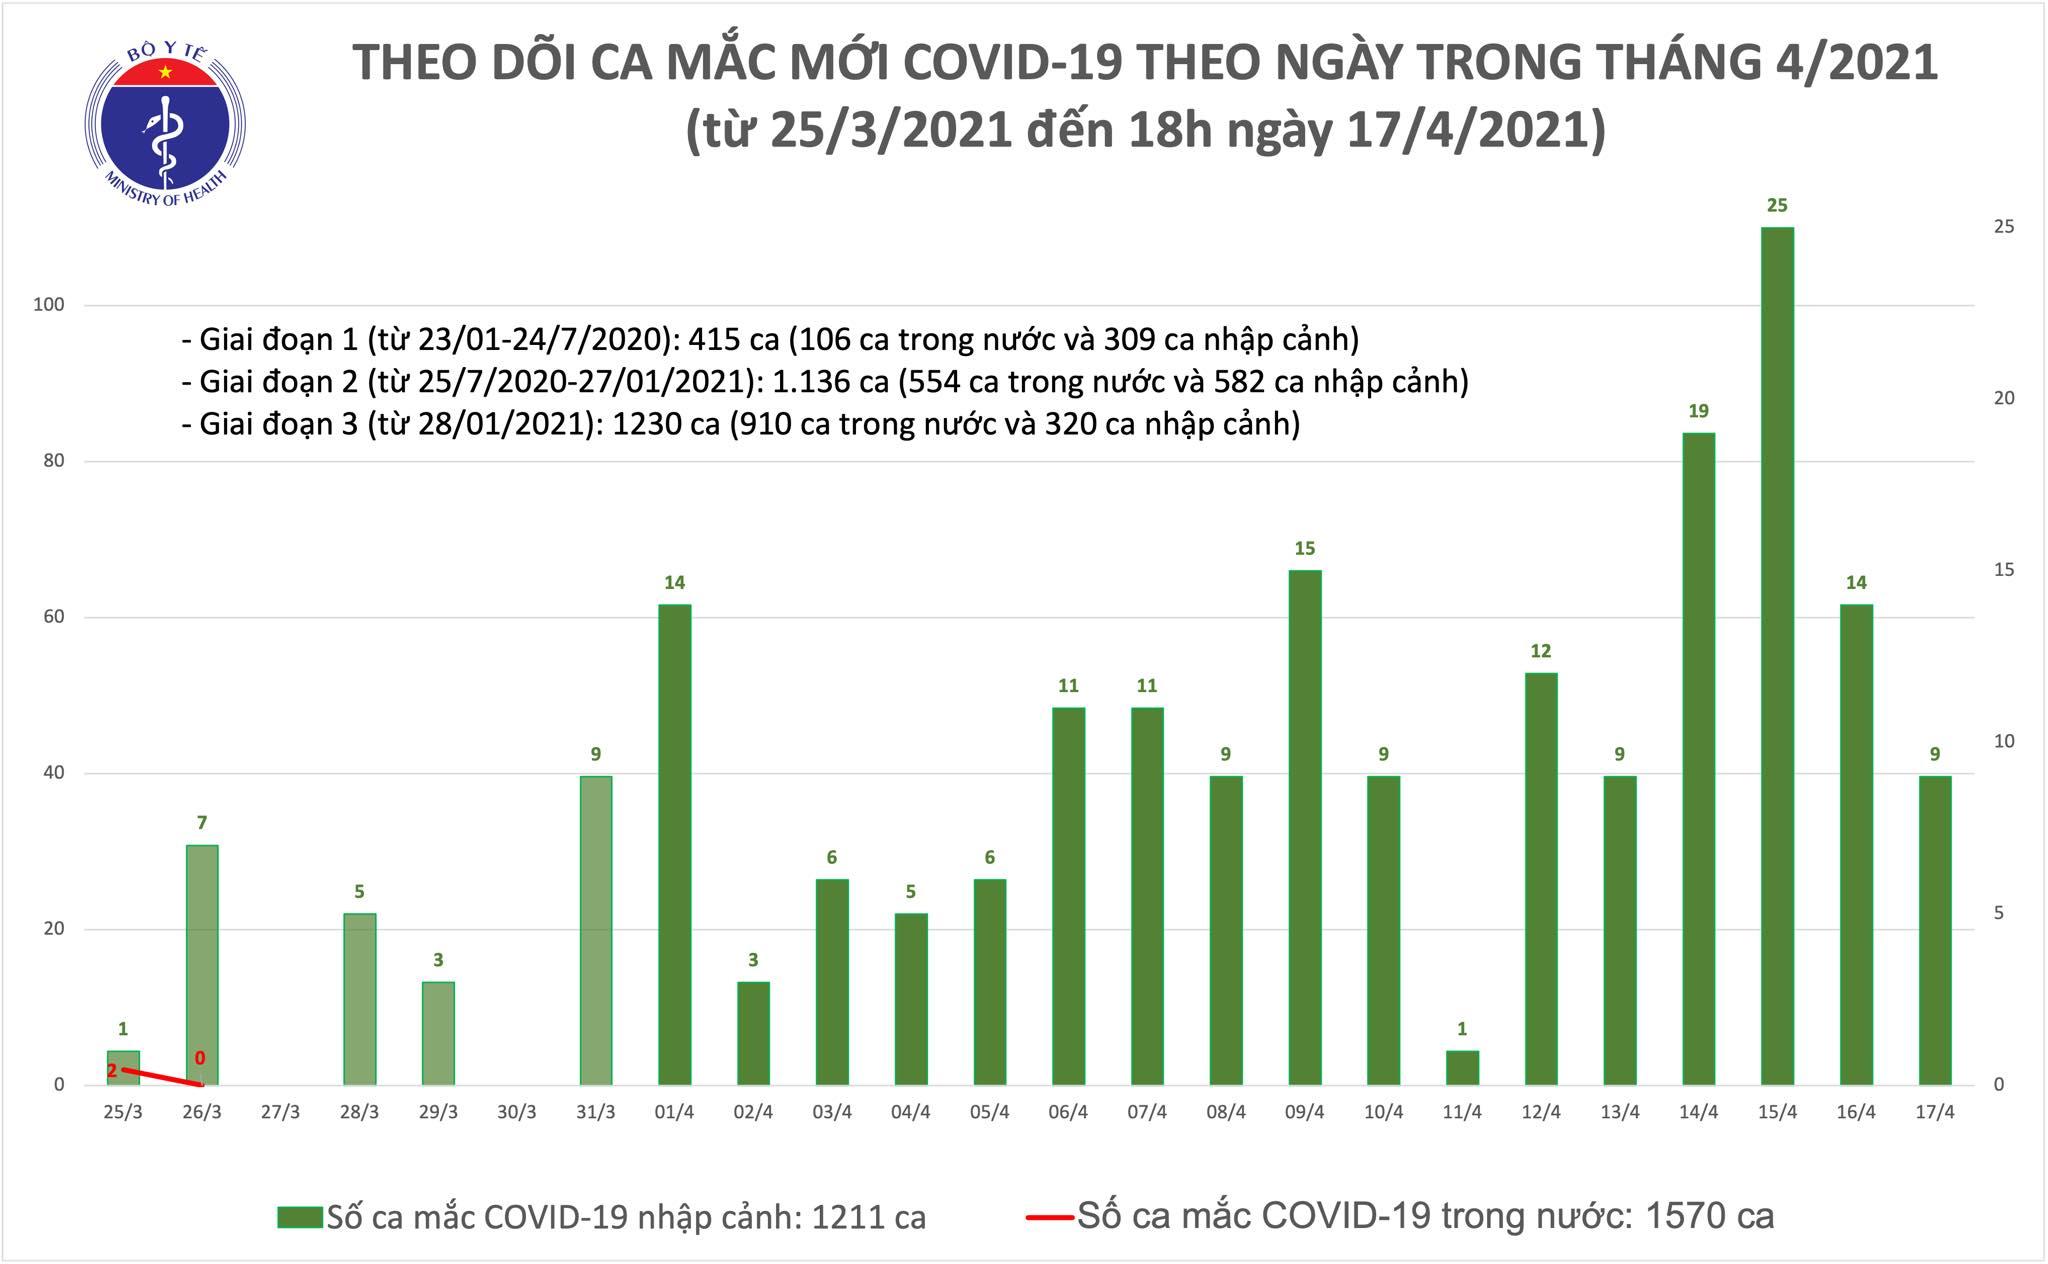 Chiều 17/4: Thêm 8 ca mắc COVID-19 tại Kiên Giang, Khánh Hoà và Đà Nẵng - Ảnh 1.